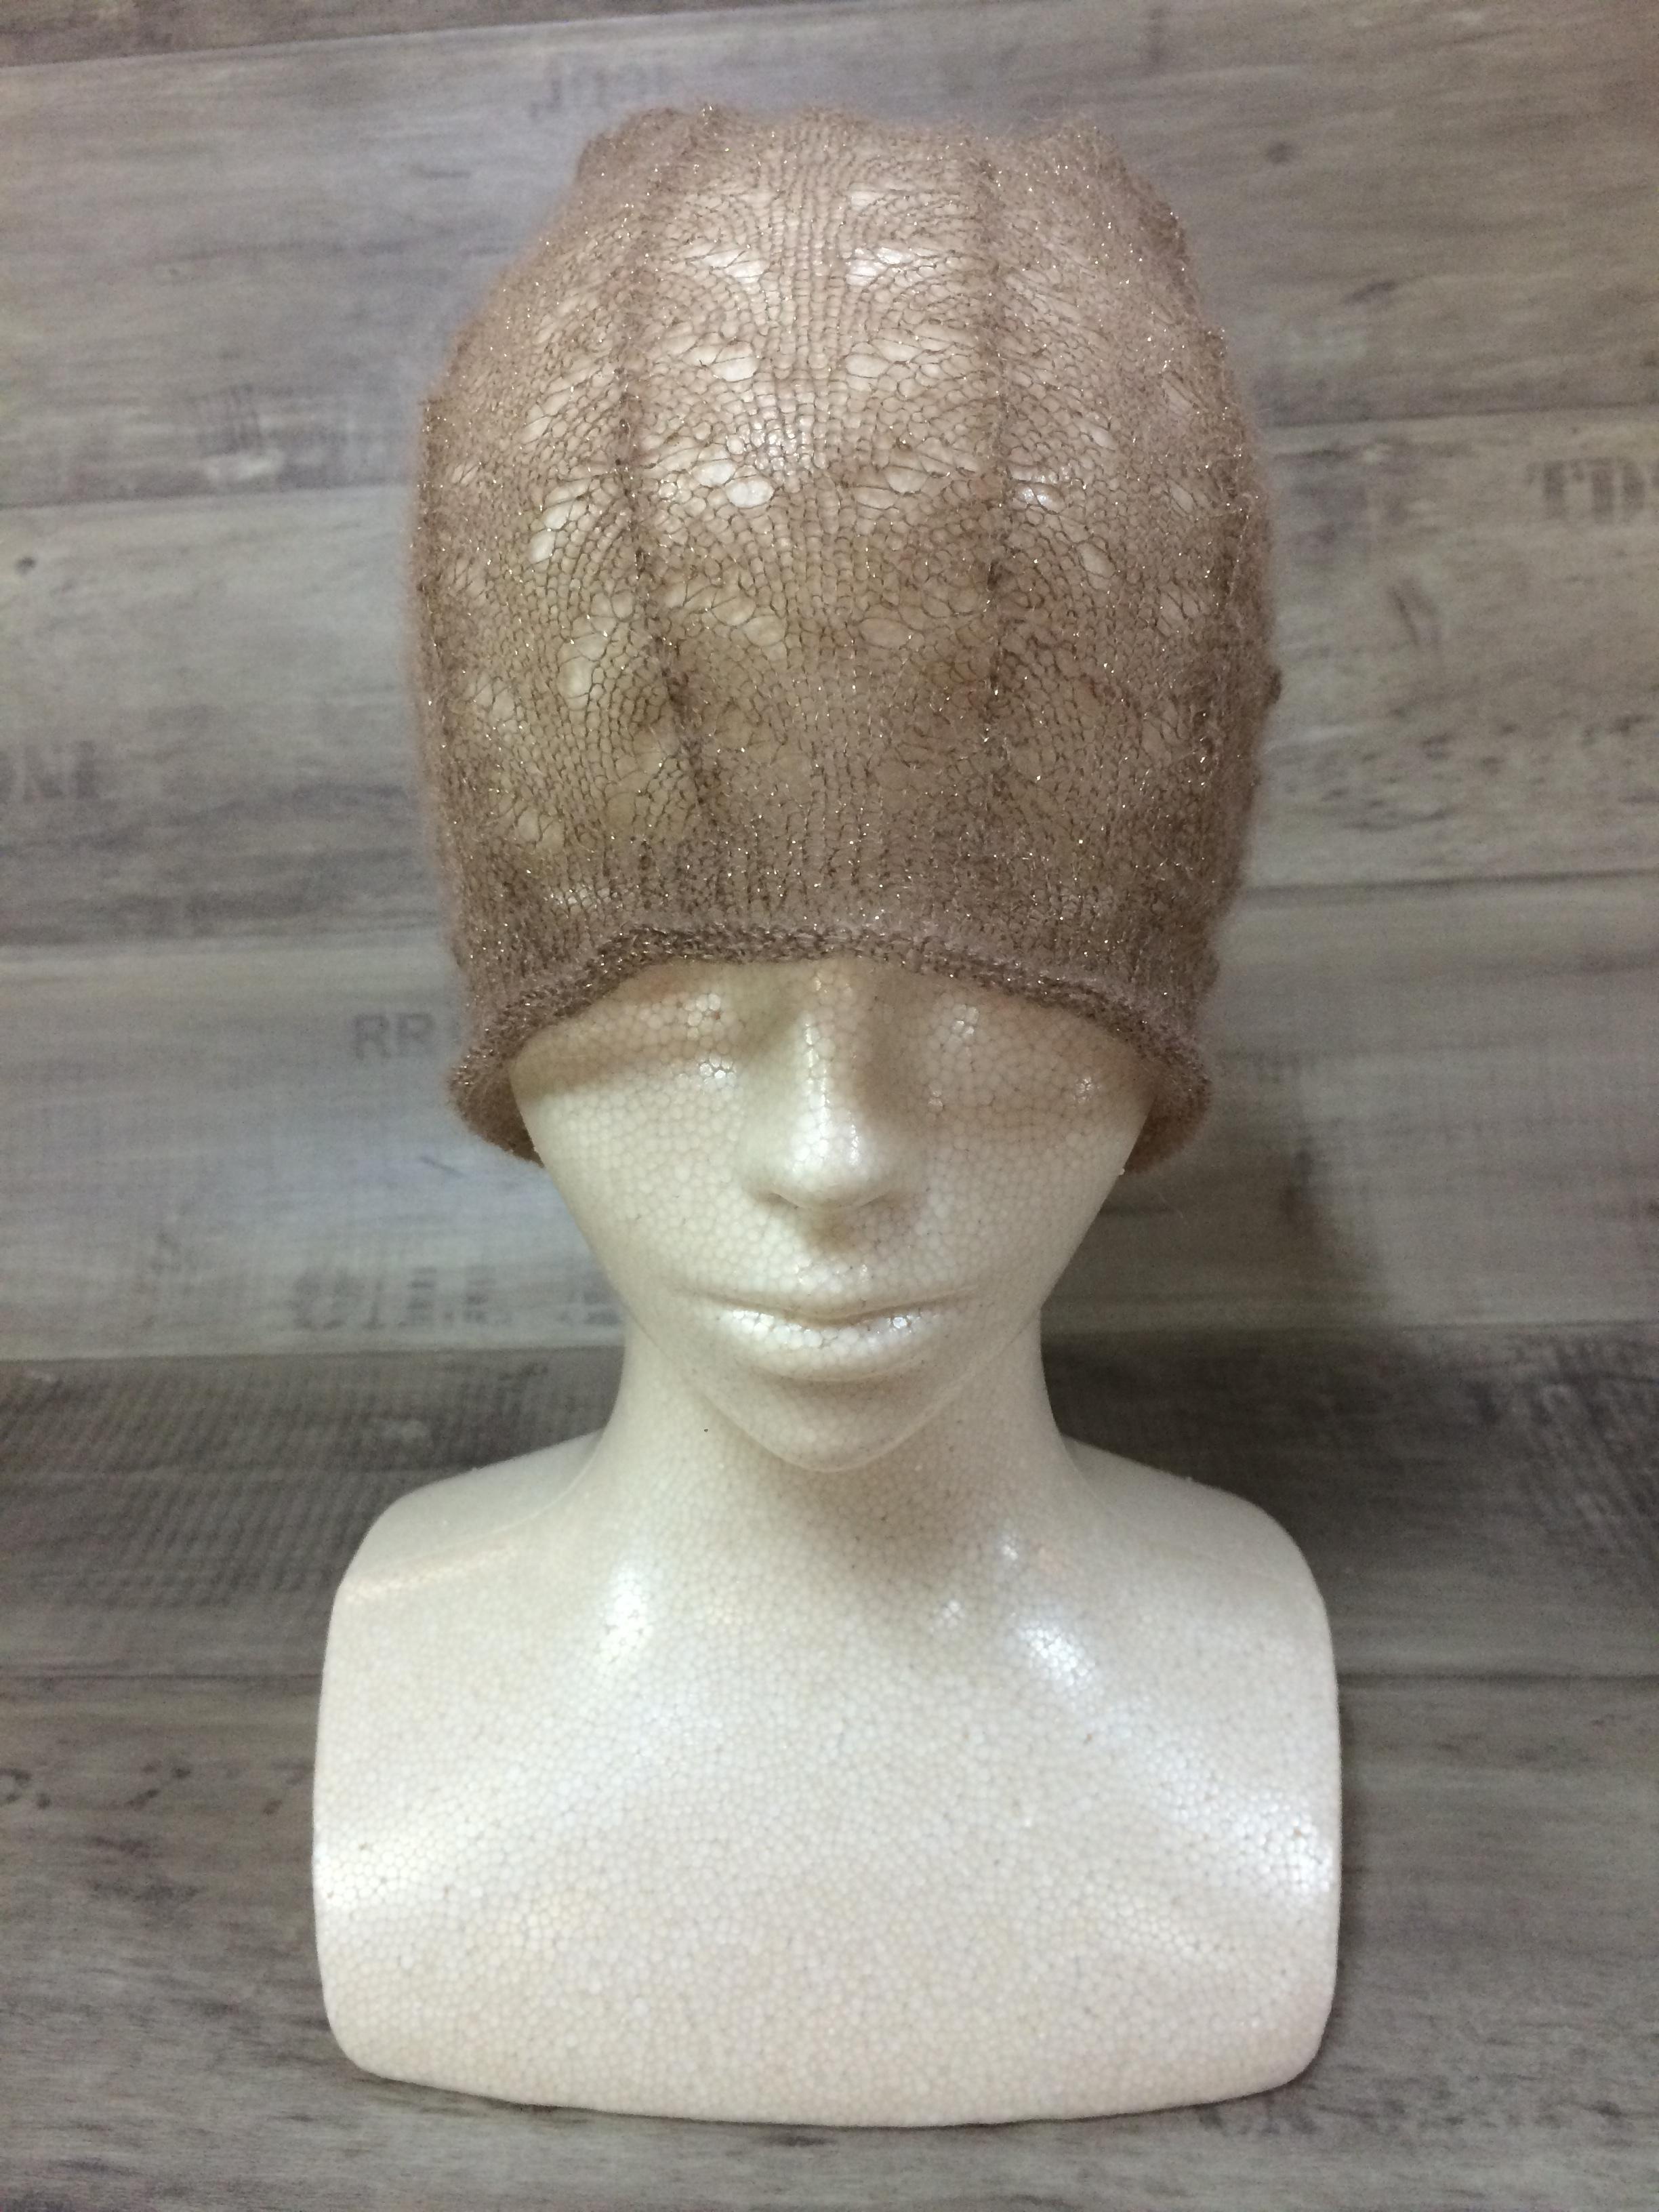 【送料無料】こころが軽くなるニット帽子amuamu|新潟の老舗ニットメーカーが考案した抗がん治療中の脱毛ストレスを軽減する機能性と豊富なデザイン NB-6507|MOCHA - 画像3